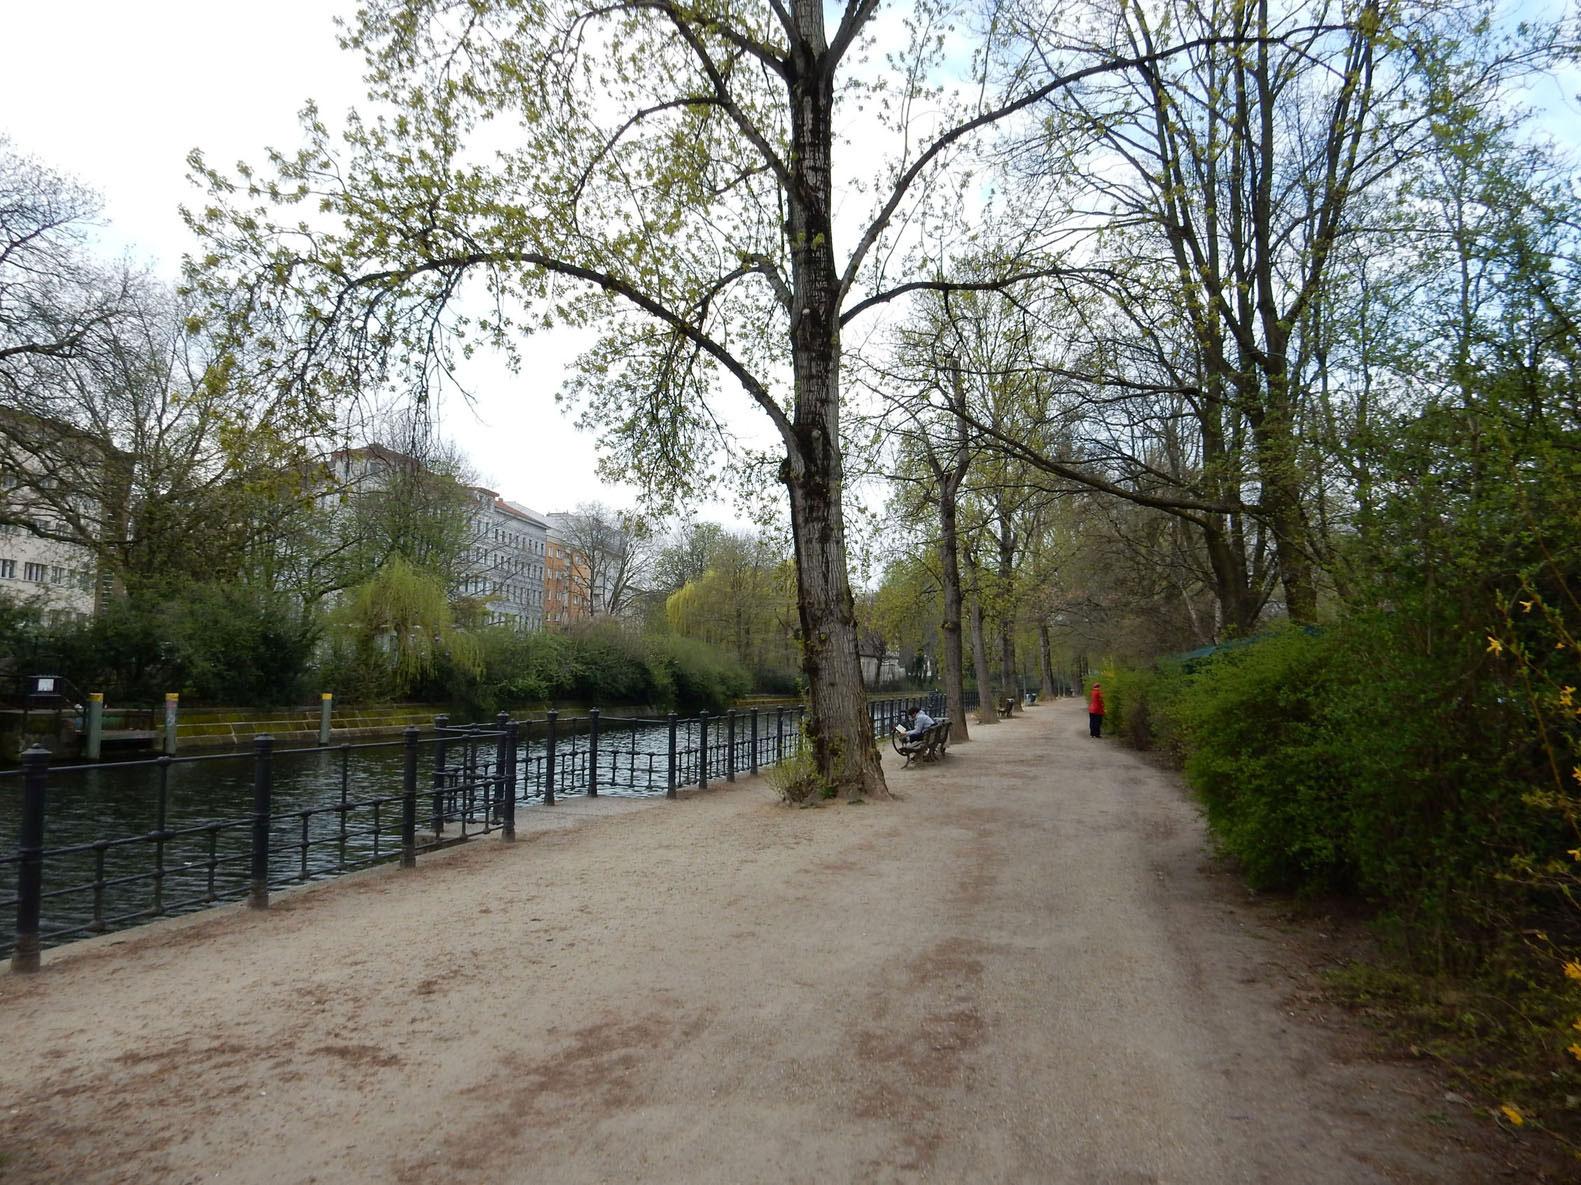 Radtour Berlin Landwehrkanal